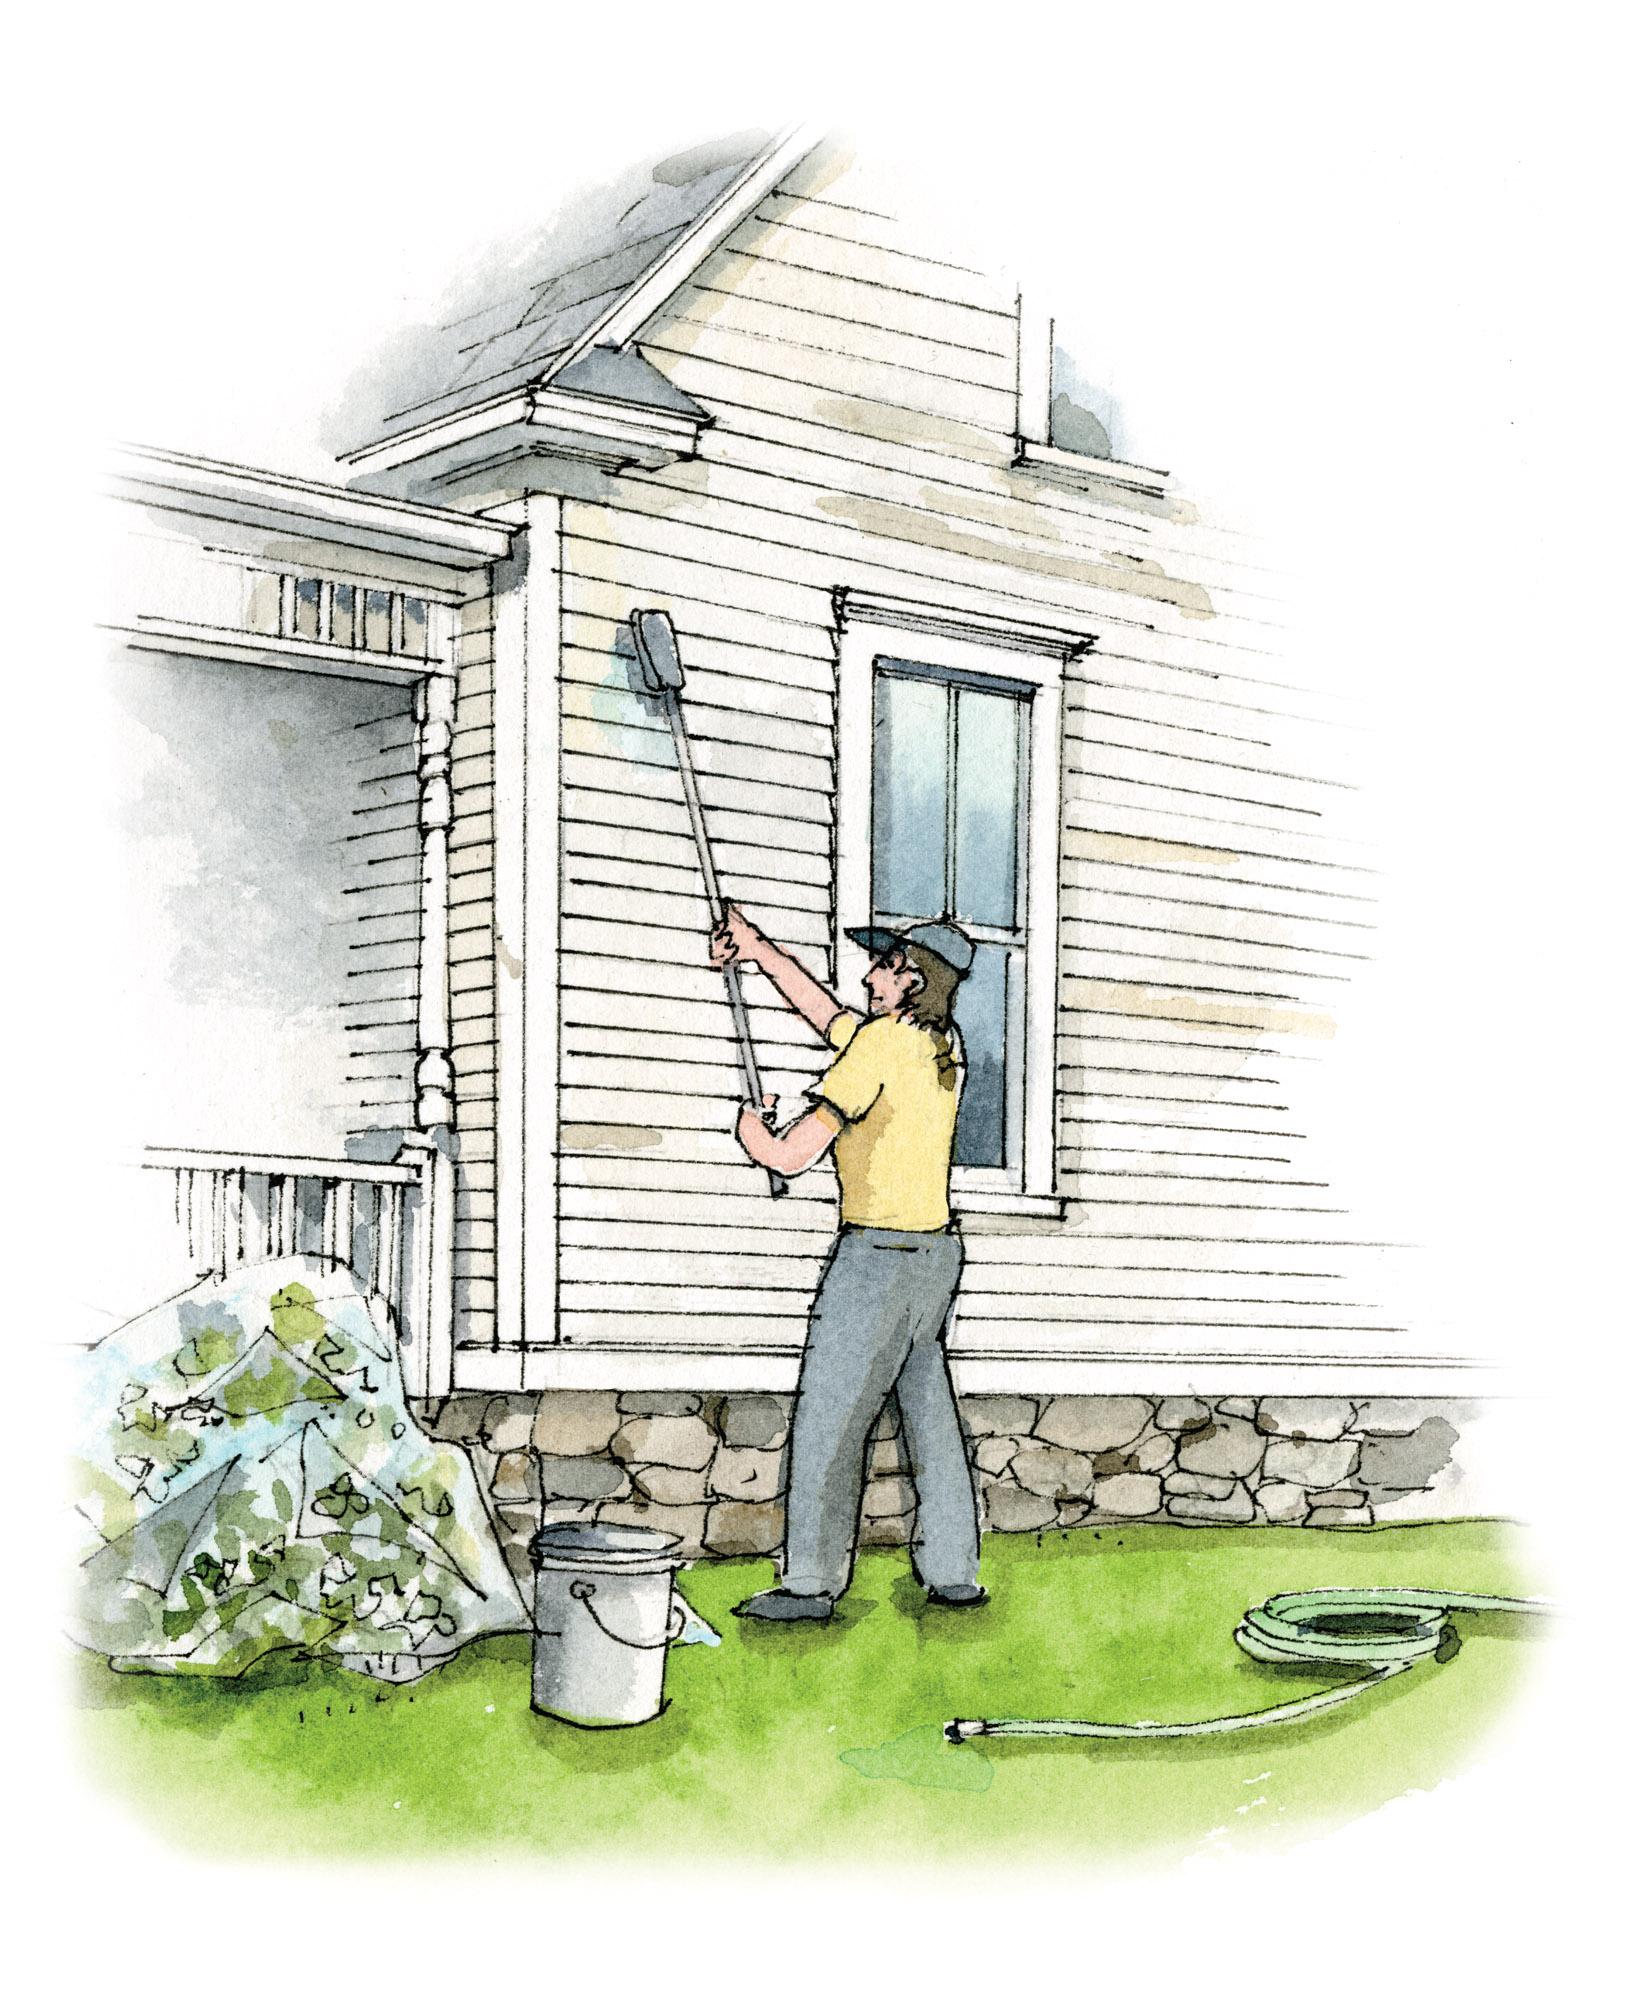 scrubbing exterior